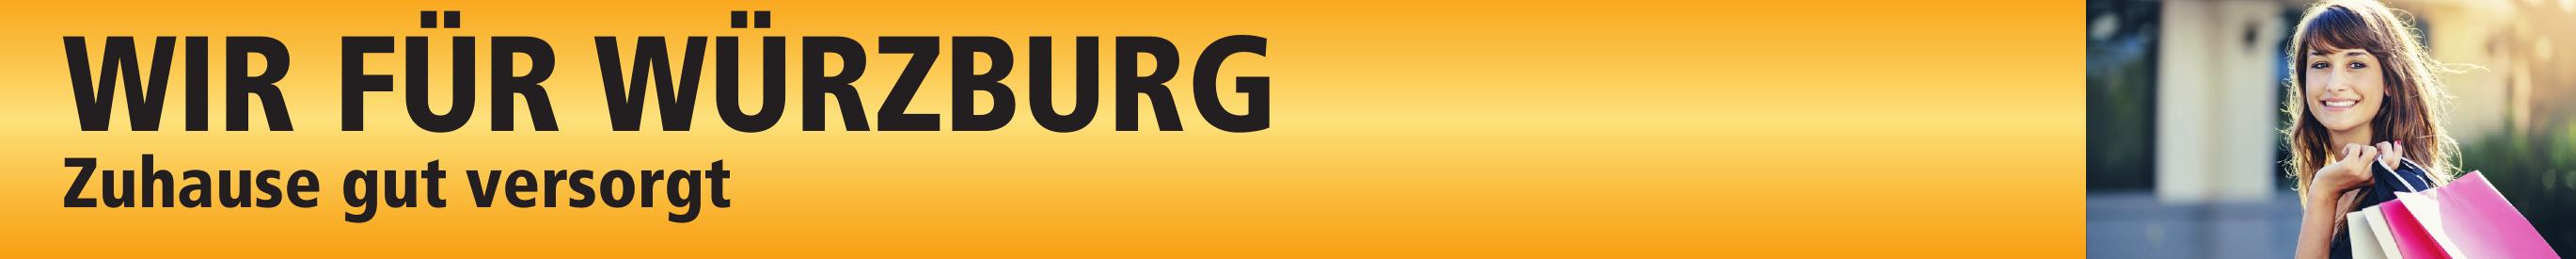 Sauerampfer ist ein frischer Frühlingsbote Image 1